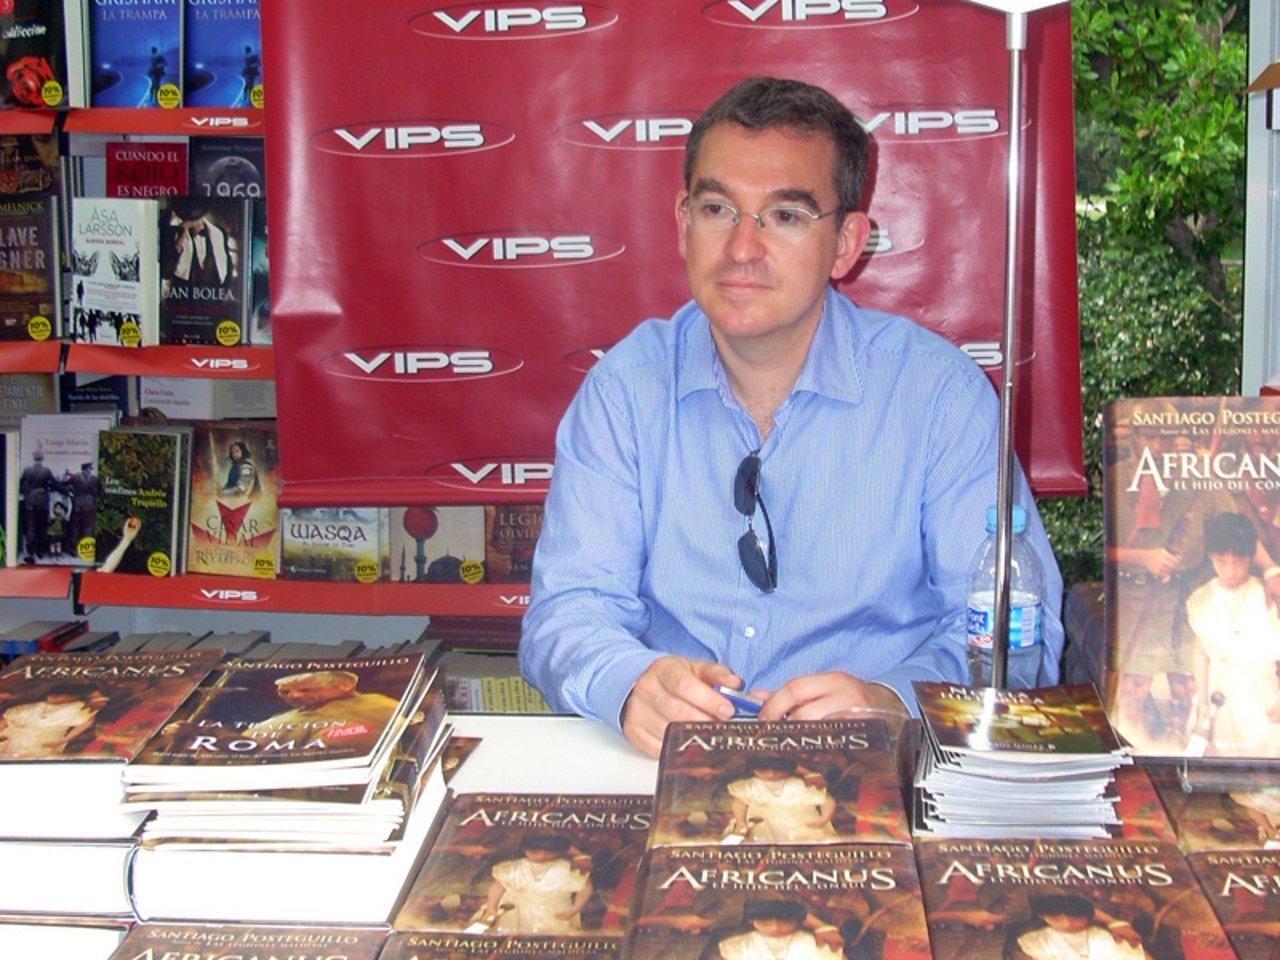 Santiago posteguillo Adri Pareja Wikipedia